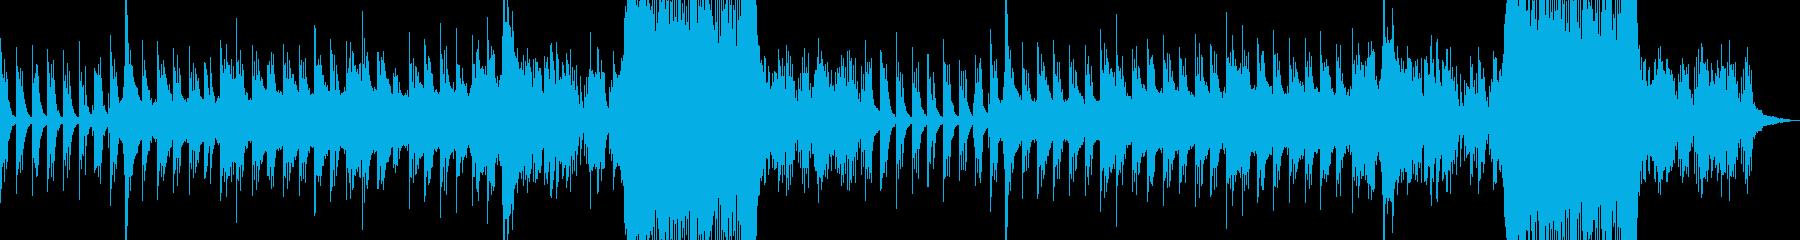 ピアノが印象的なエンドロールソングの再生済みの波形